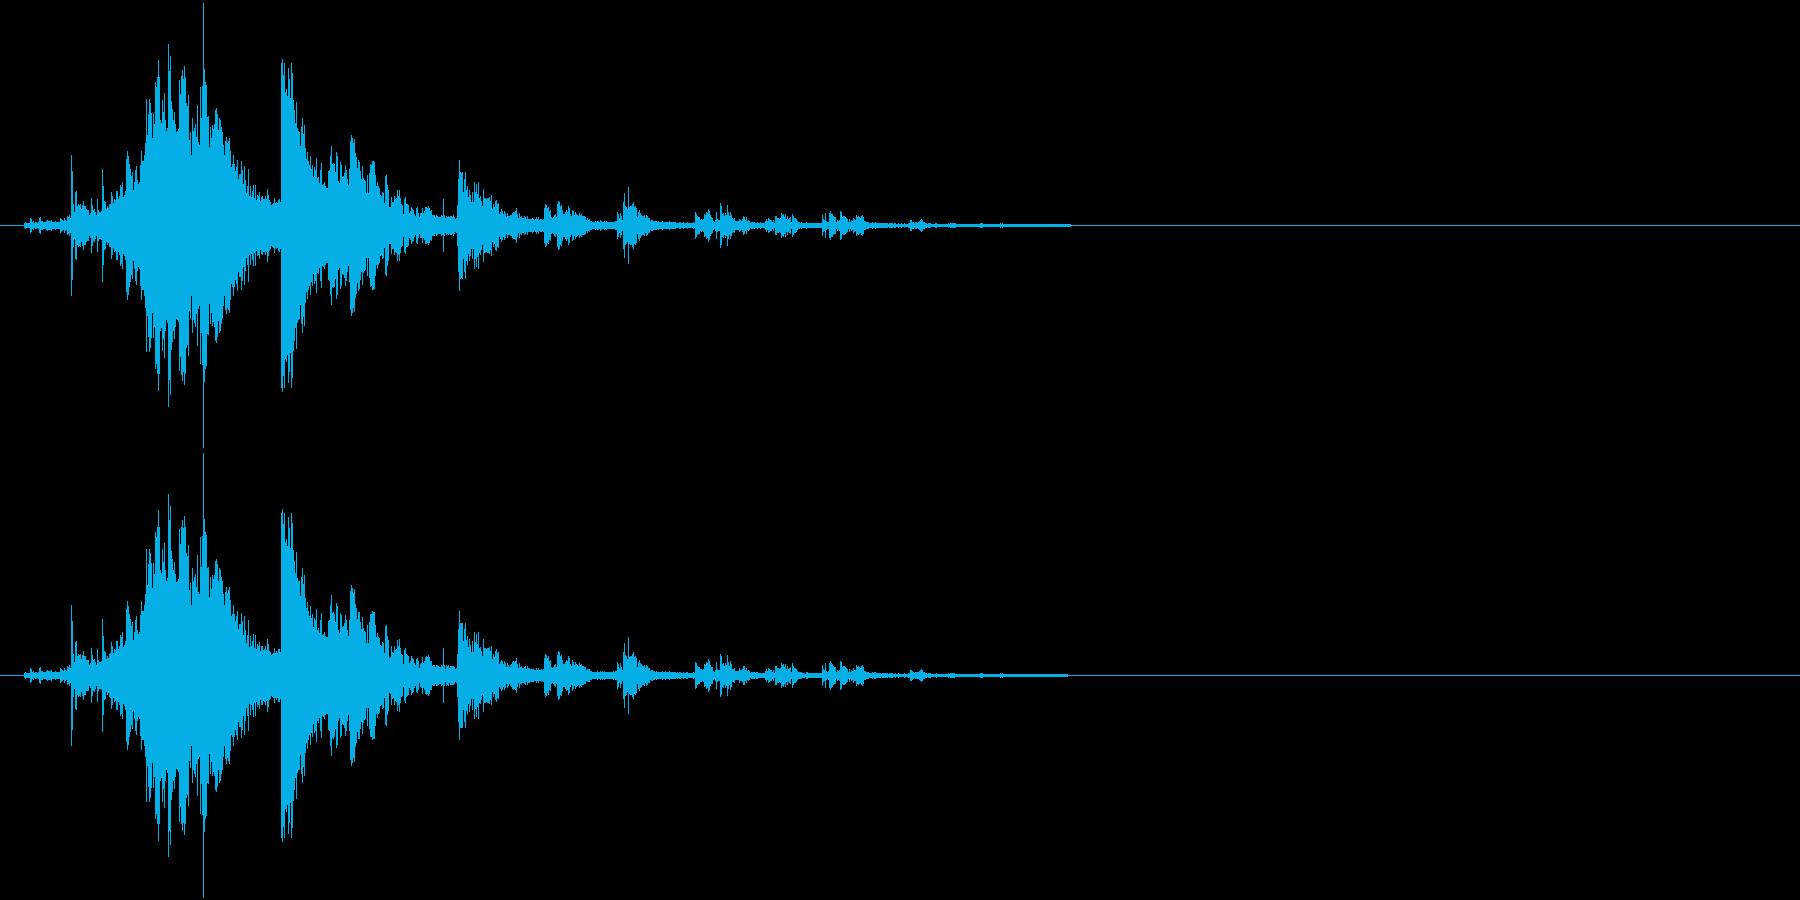 音侍SE「シャラーン!」象徴的な鈴の音の再生済みの波形